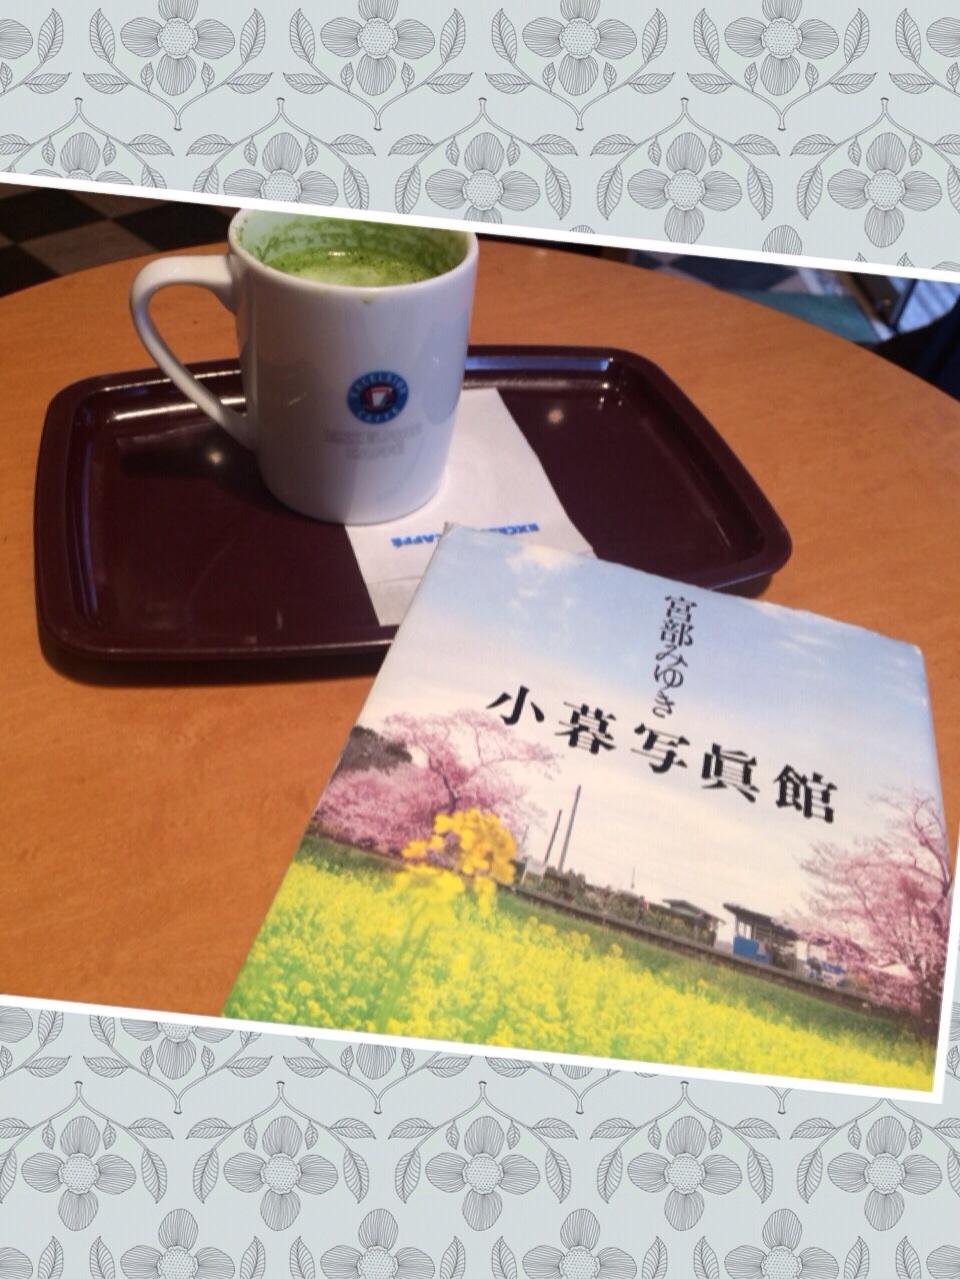 画像1: 【1人の時間を】渋谷でカフェ〜宮前平で温泉の旅【ゆっくりと】